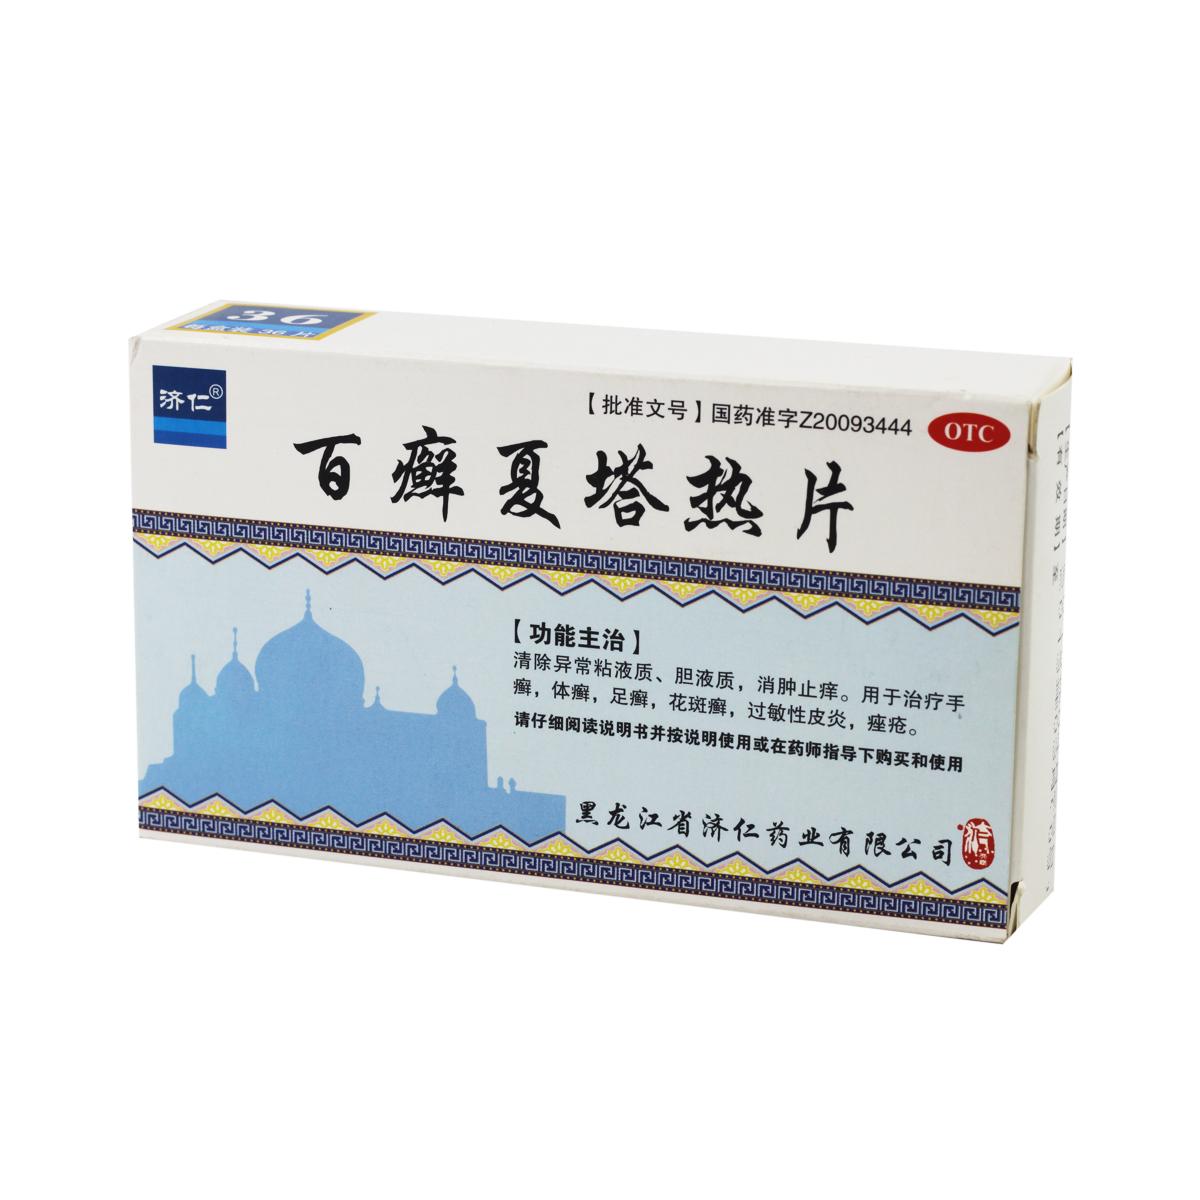 济仁百癣夏塔热片(薄膜衣)